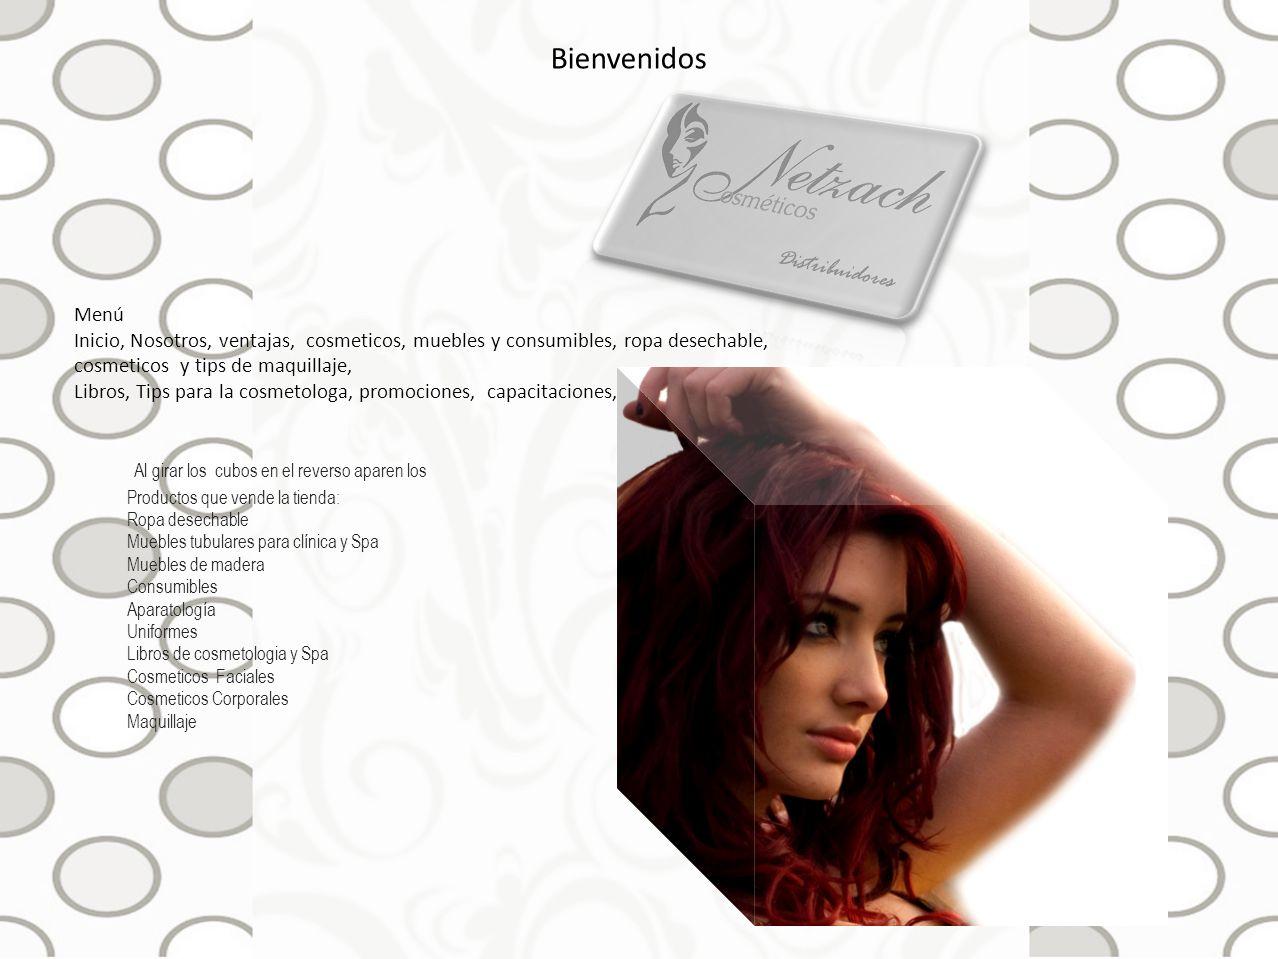 Bienvenidos Menú Inicio, Nosotros, ventajas, cosmeticos, muebles y consumibles, ropa desechable, cosmeticos y tips de maquillaje, Libros, Tips para la